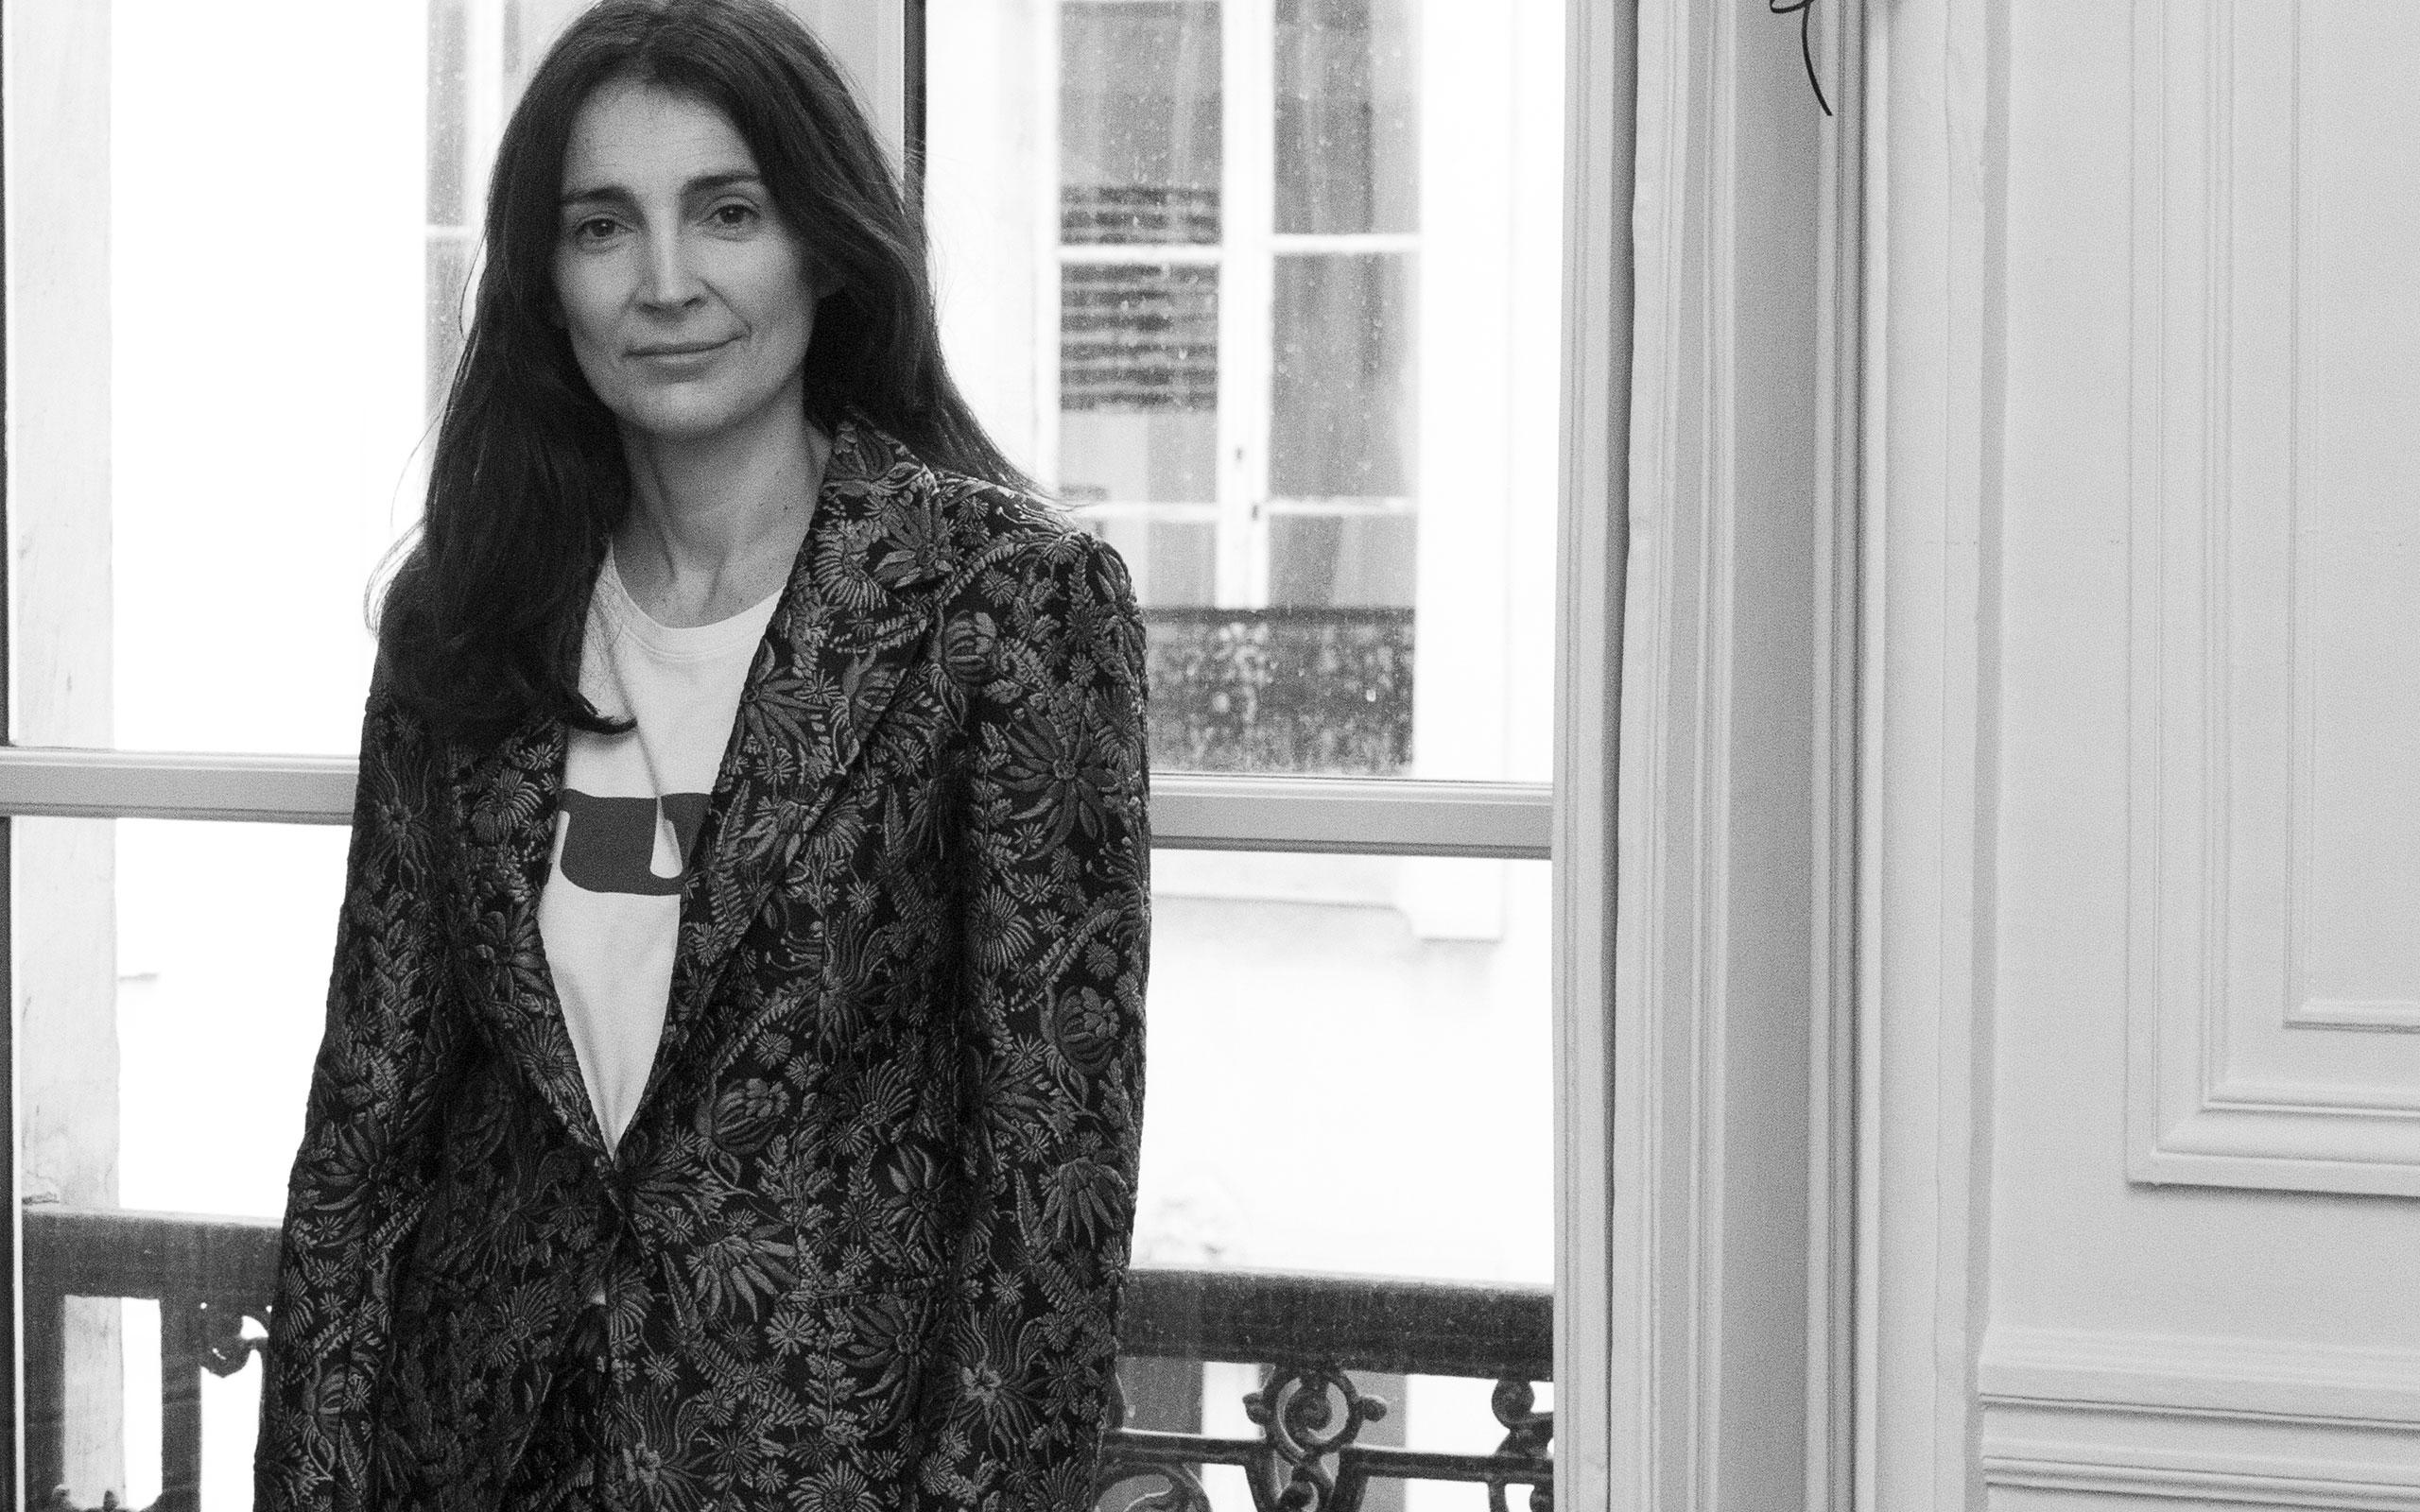 【インタビュー】パリ発、ファッションレンタルサイト『Panoply (パノプリー)』創設者 Ingrid Brochard (イングリッド・ブロシャードゥ)